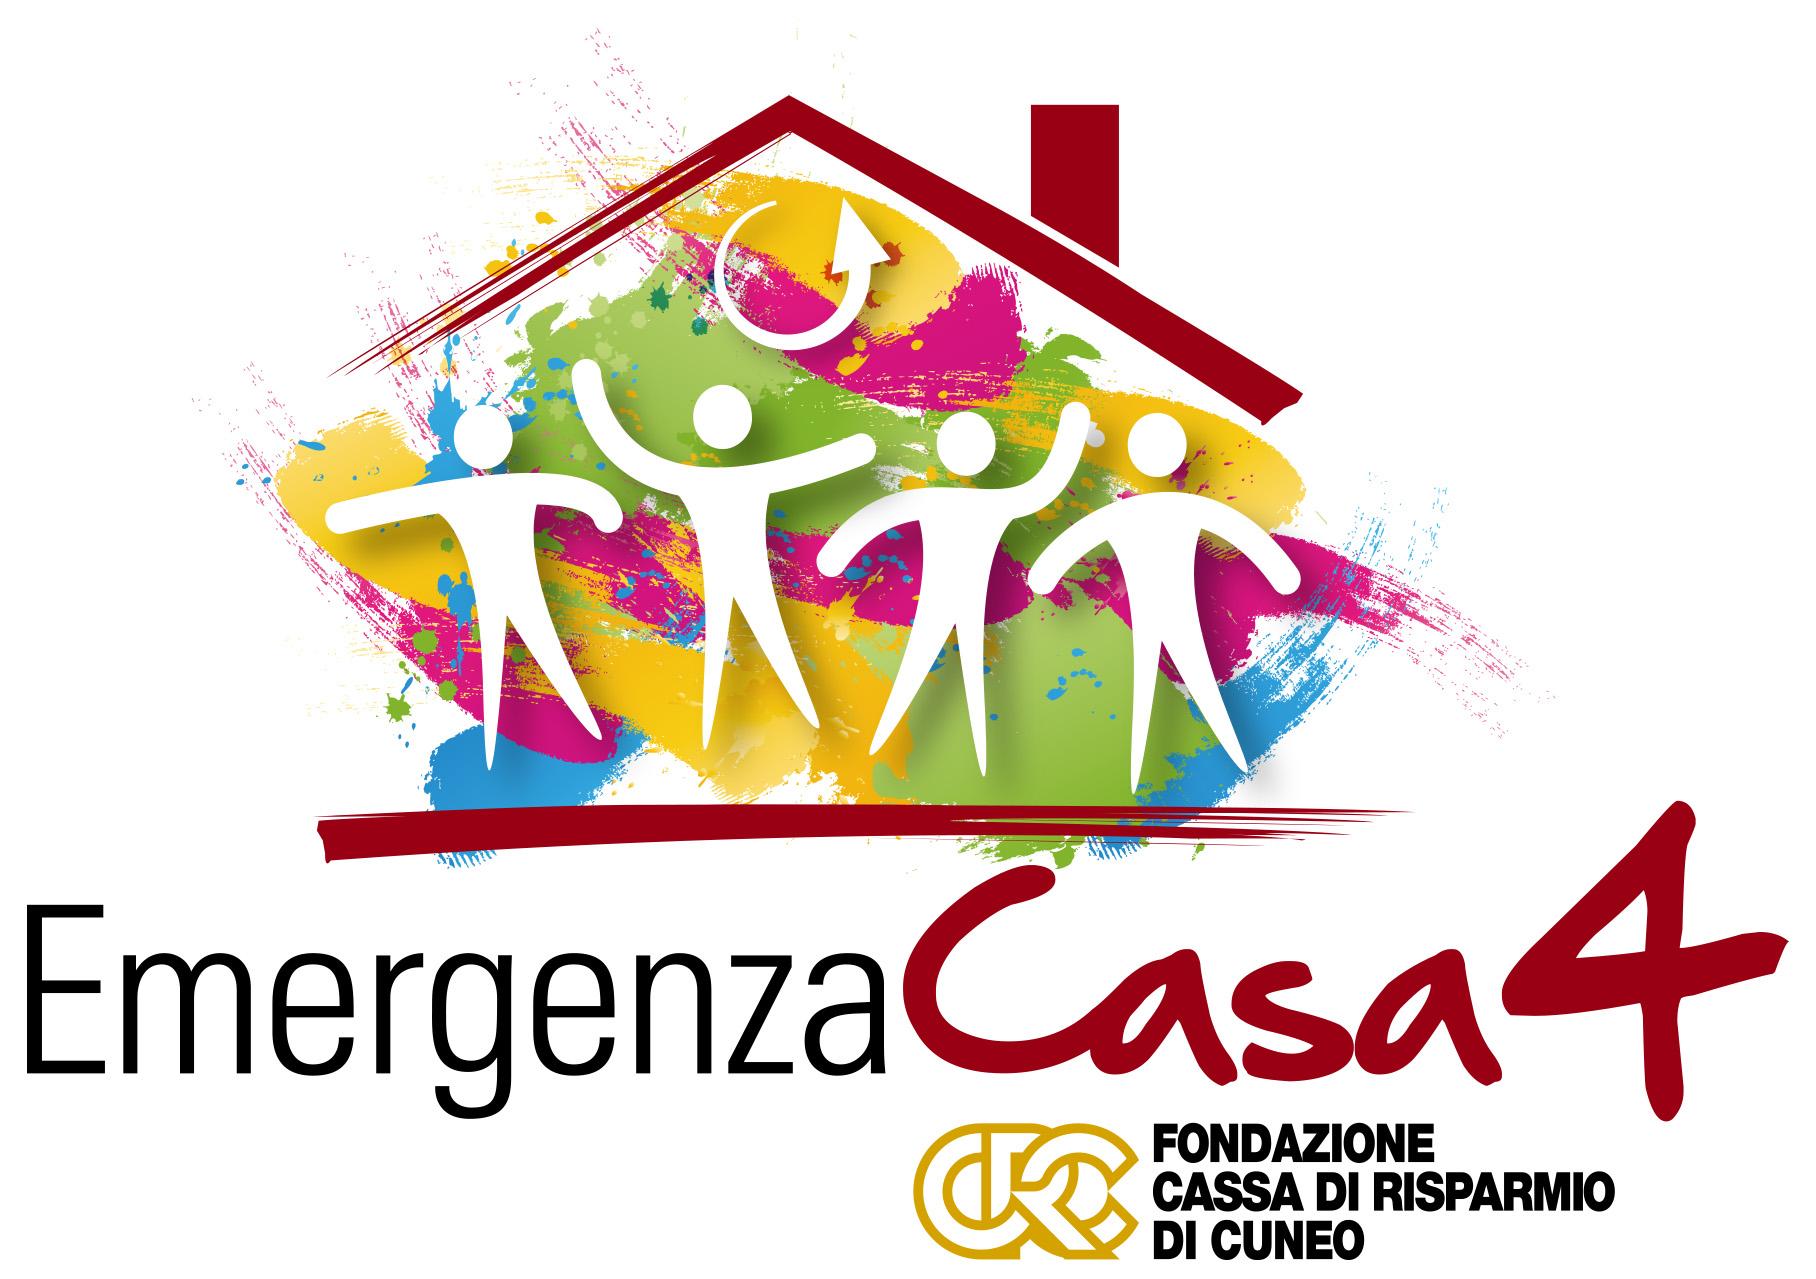 logo Emergenza Casa 4 Fondazione CRC